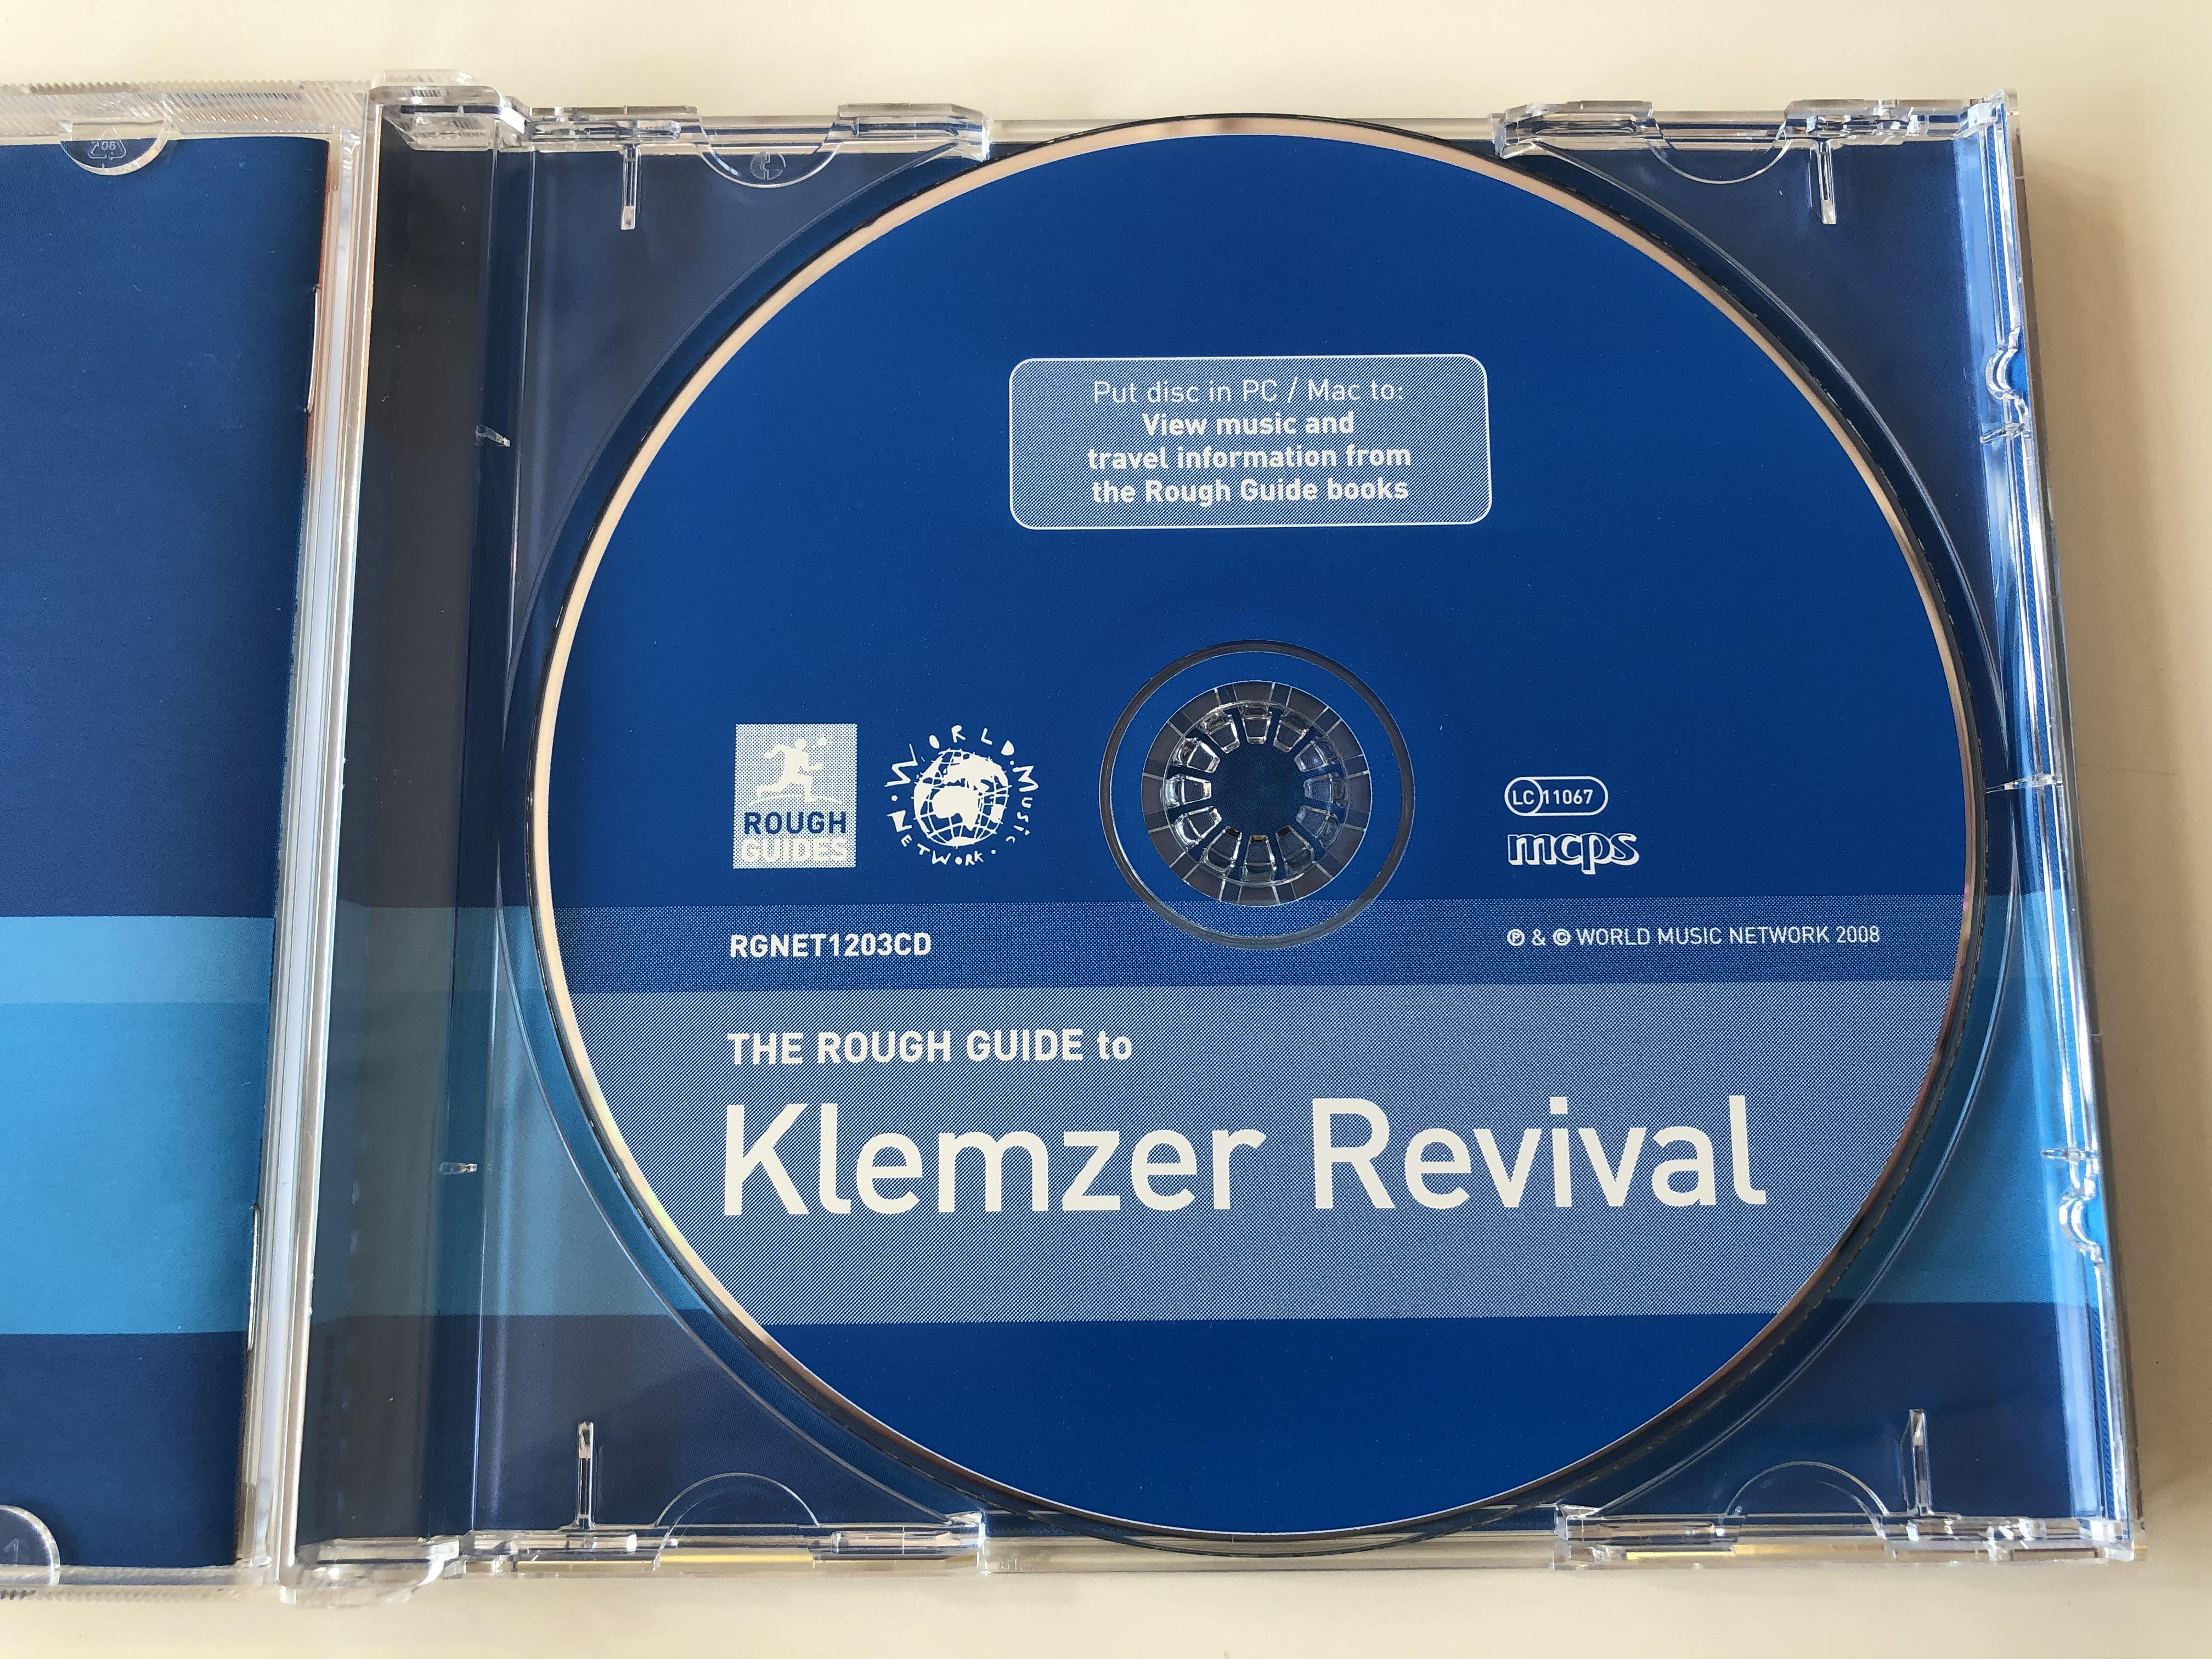 the-rough-guide-to-klezmer-revival-world-music-network-audio-cd-2008-rgnet1203cd-8-.jpg